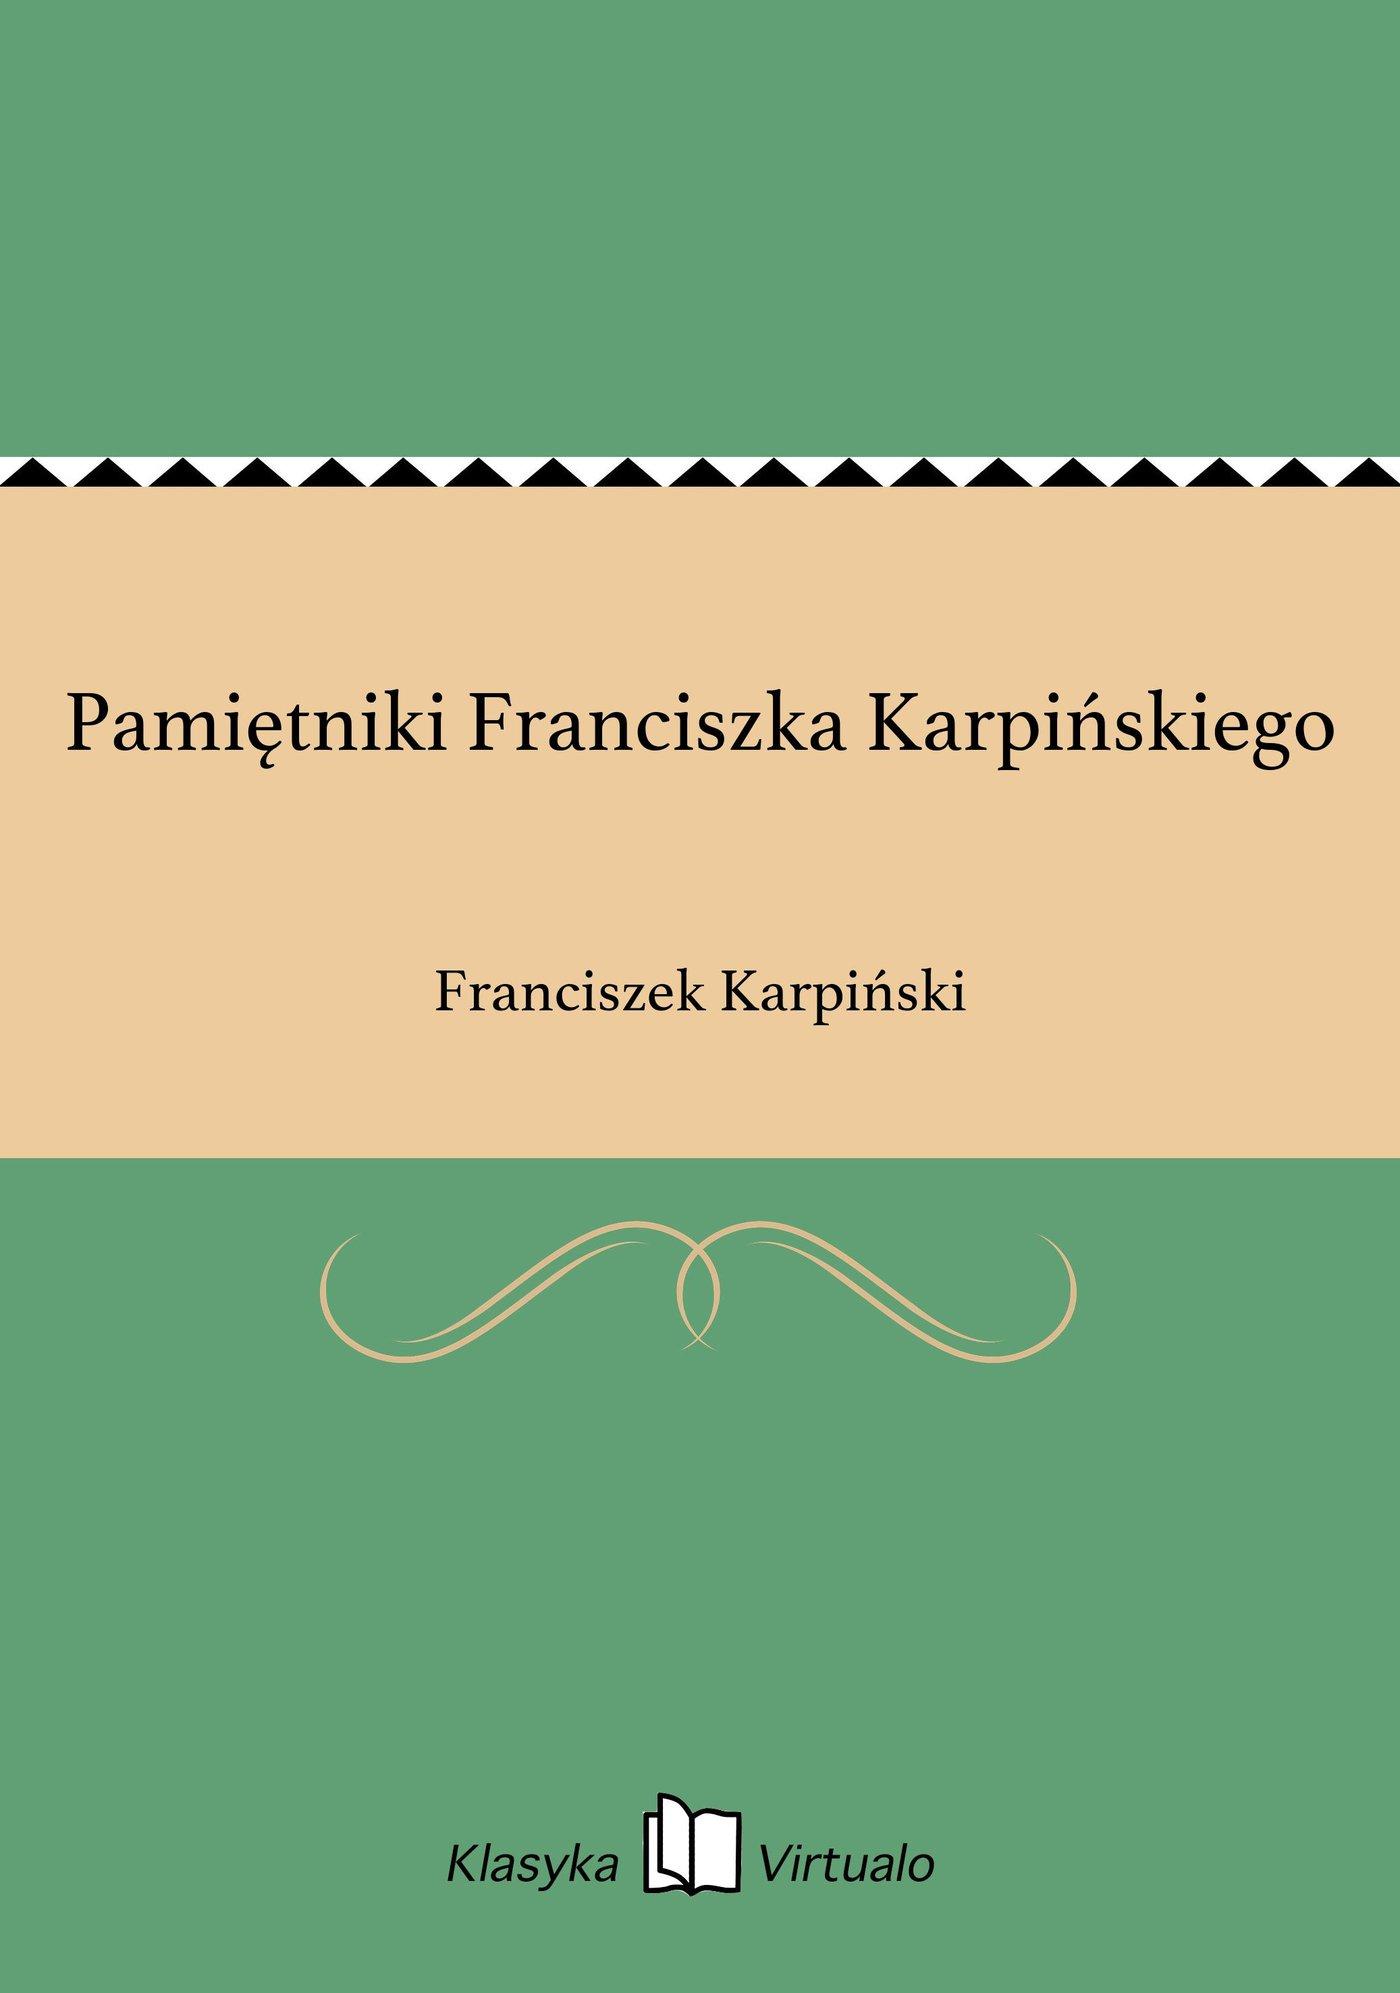 Pamiętniki Franciszka Karpińskiego - Ebook (Książka EPUB) do pobrania w formacie EPUB